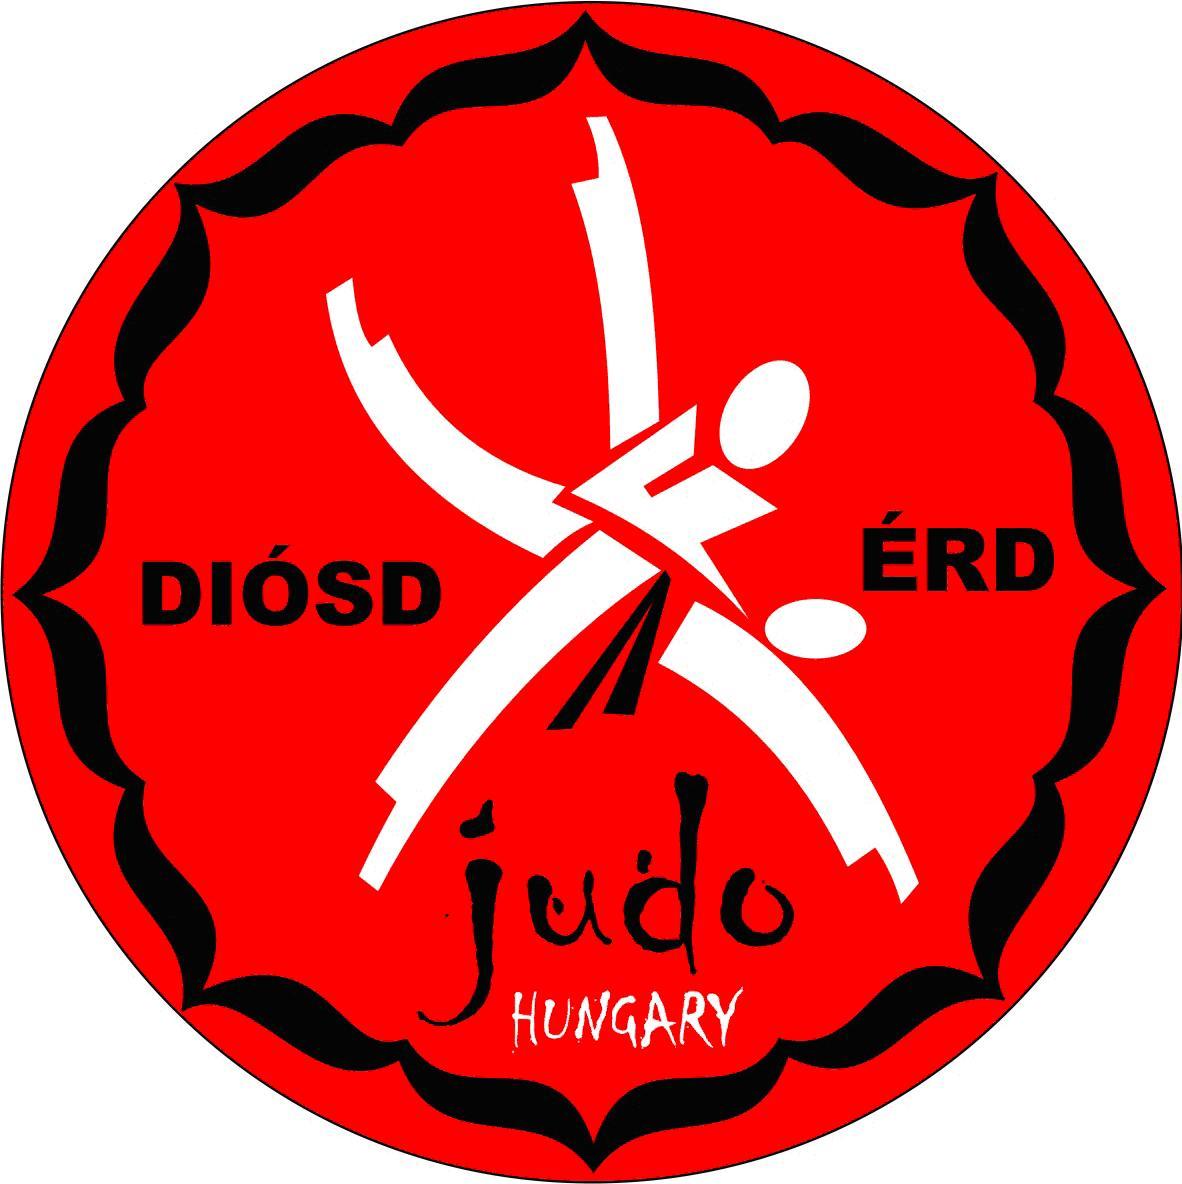 judoklub.hu